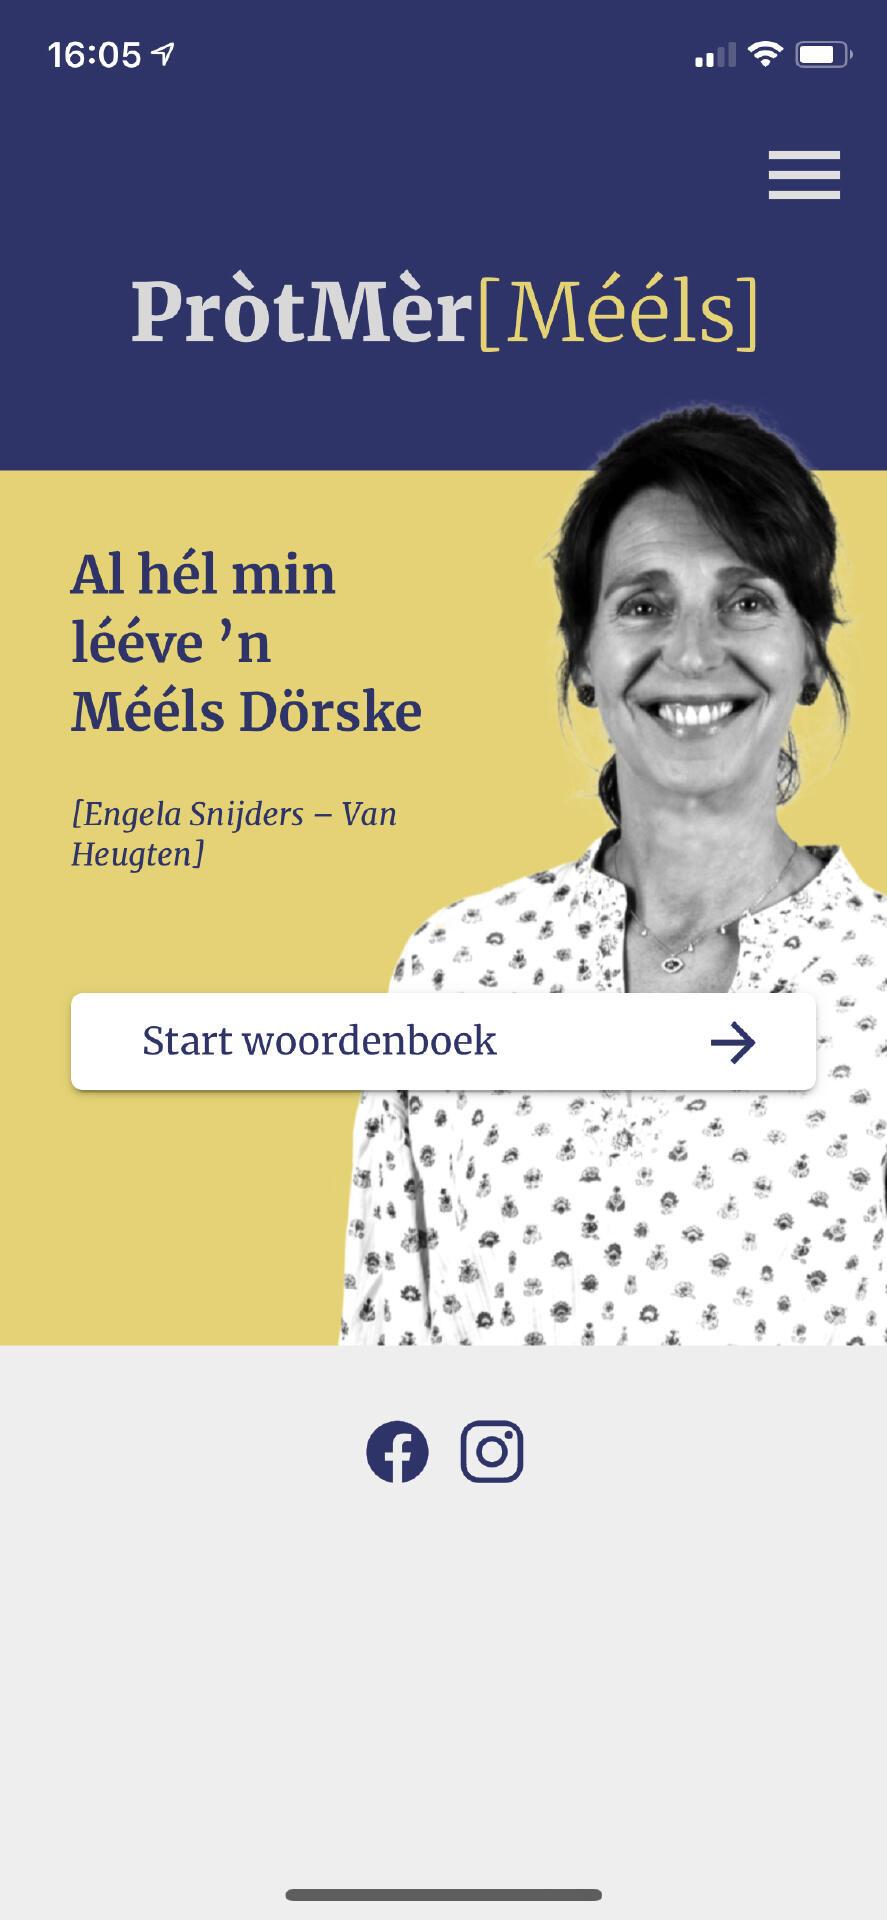 De Mééls woordeboe:k app is online!